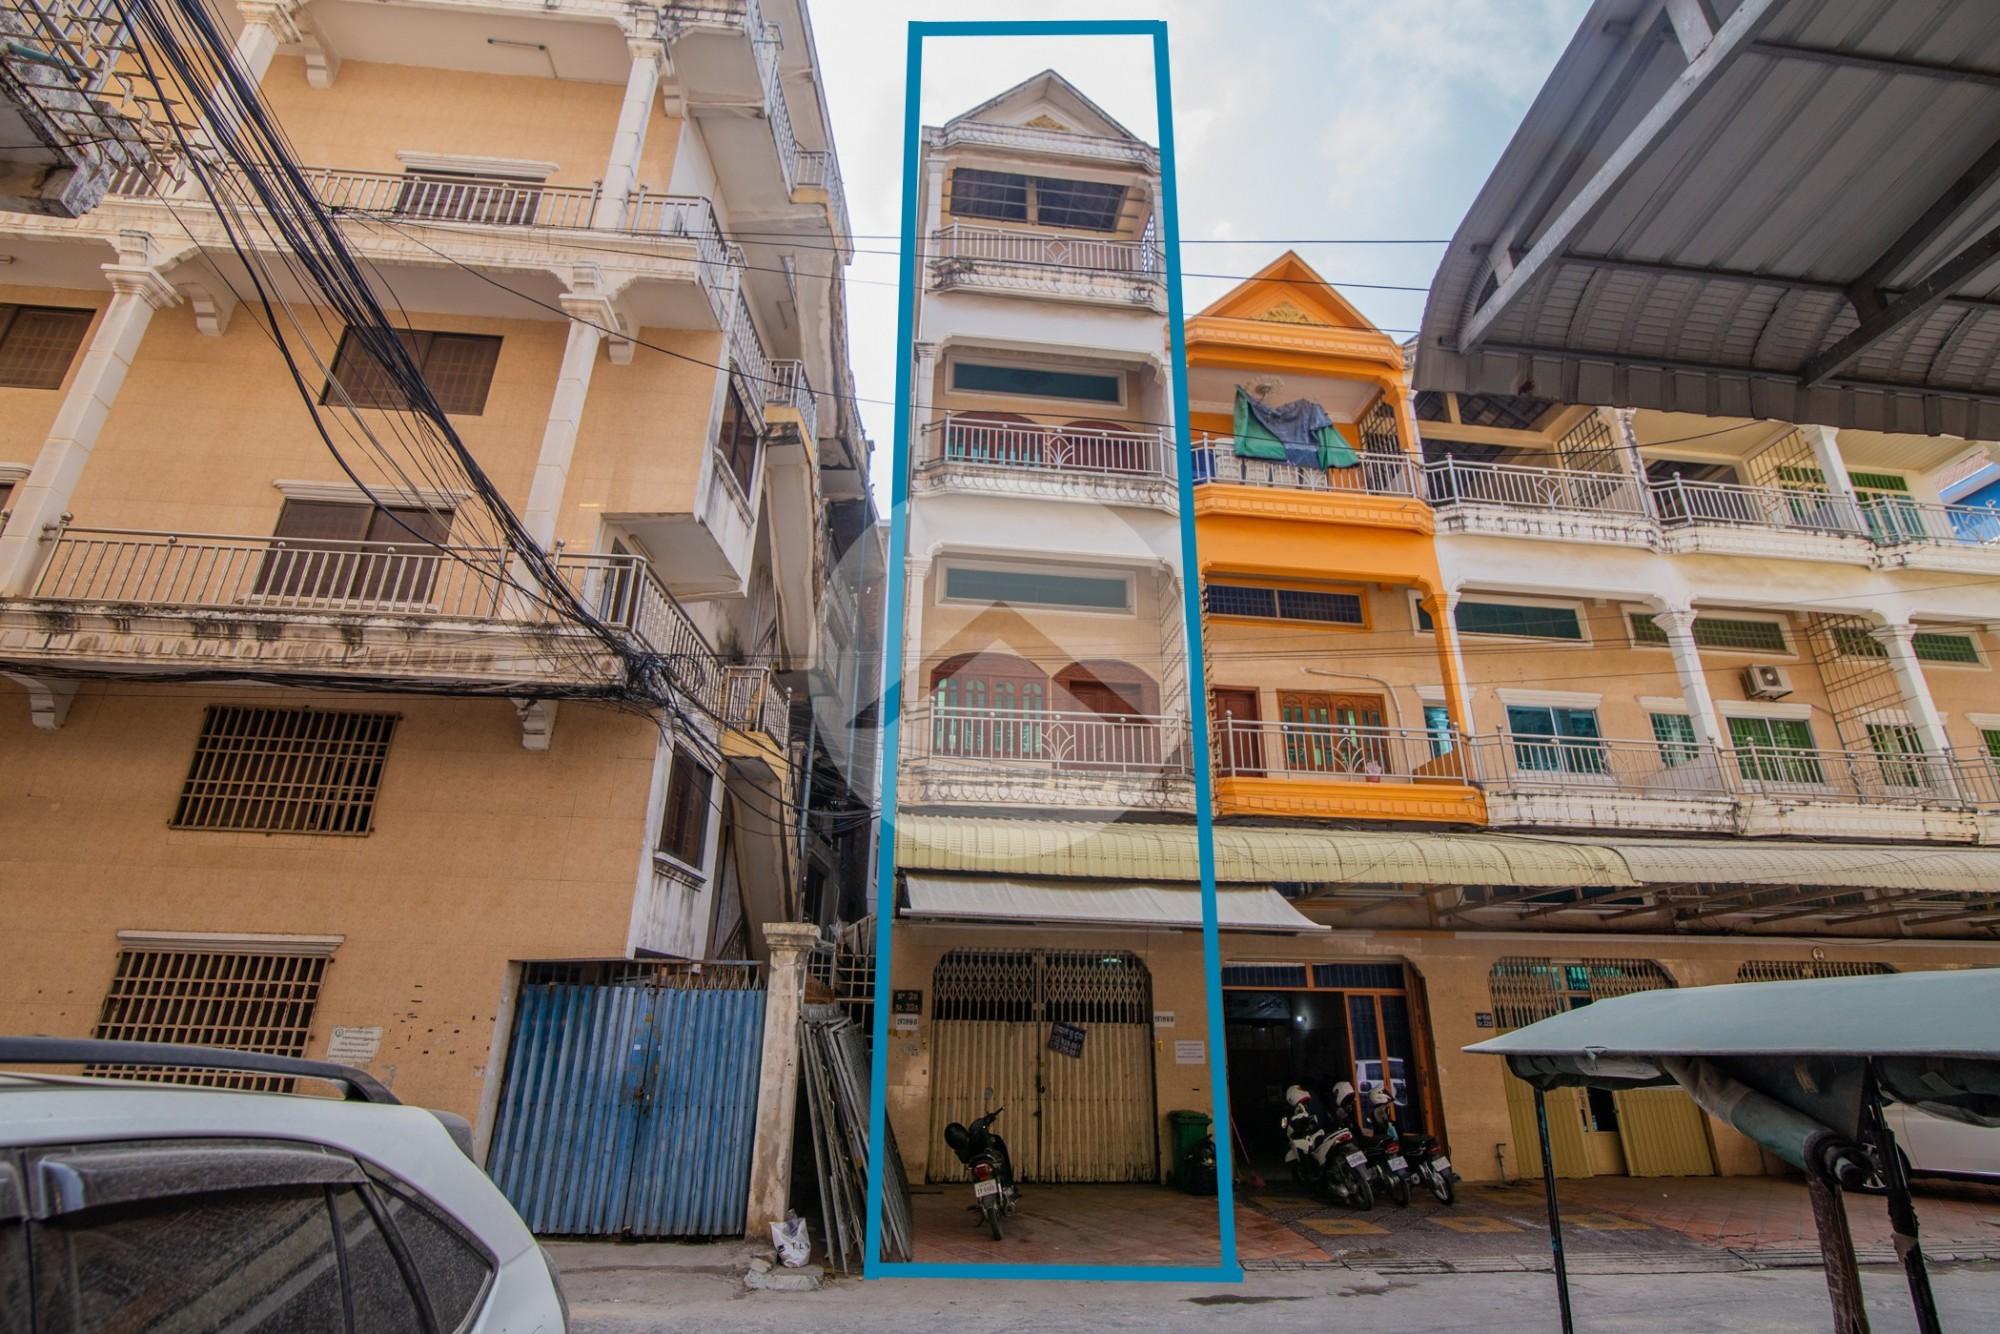 6 Bedroom Flat For Sale - Teuk Tla, Phnom Penh